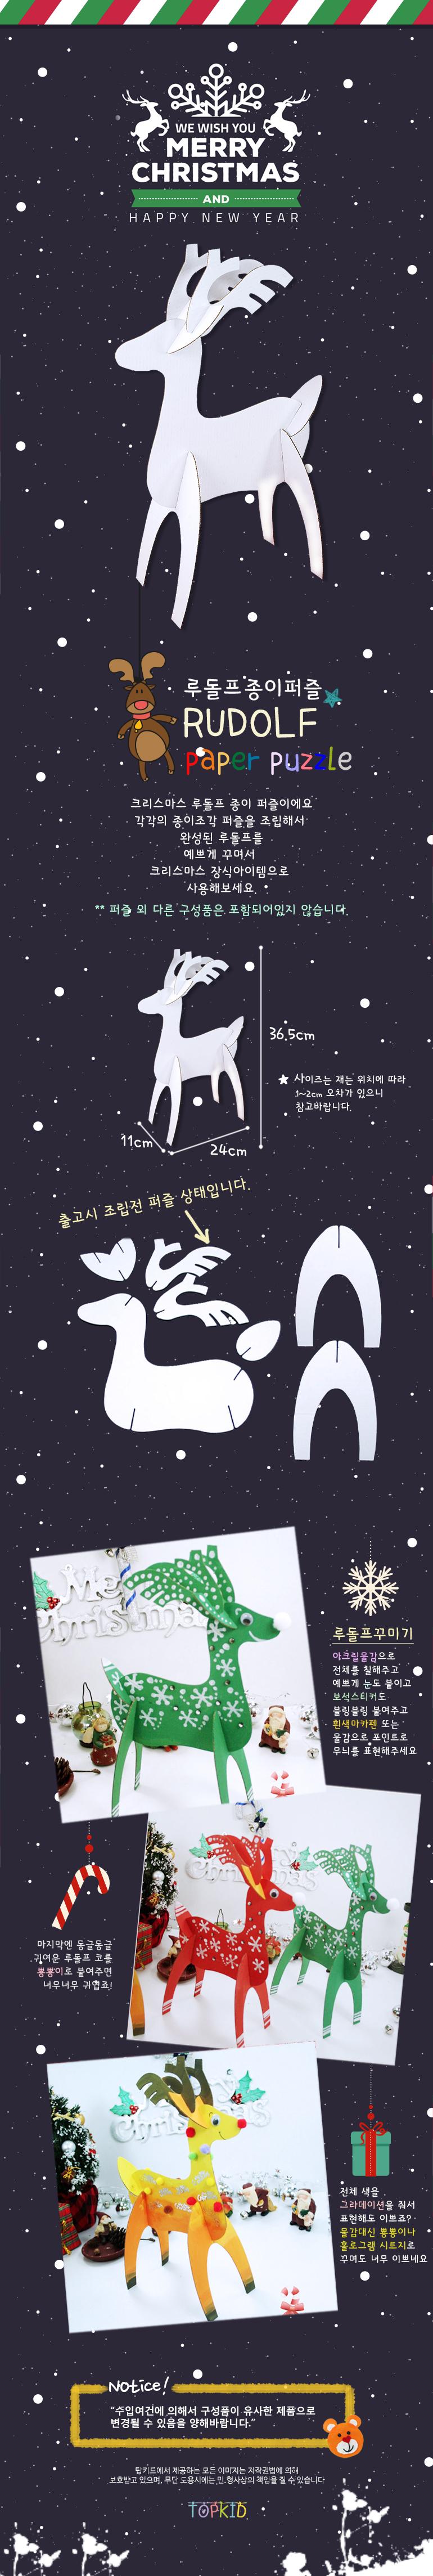 반제품 루돌프종이퍼즐 - 탑키드, 1,000원, 장식품, 크리스마스소품